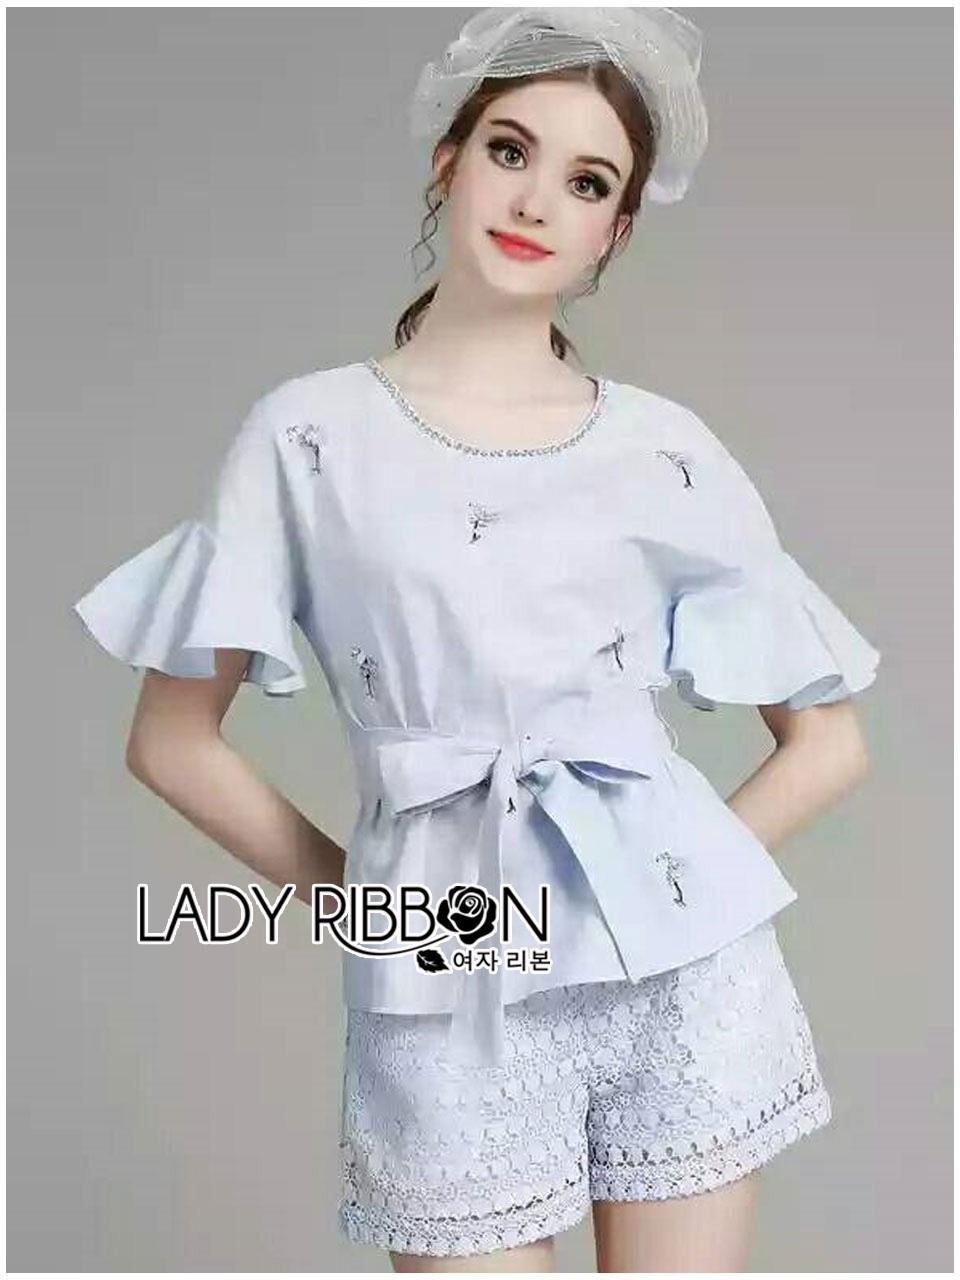 เสื้อผ้าเกาหลี พร้อมส่งเซ็ตเสื้อคอตตอนผสมลินินปักดอกไม้สีม่วงผูกโบและกางเกงผ้าลูกไม้สีม่วงไลแล็ก